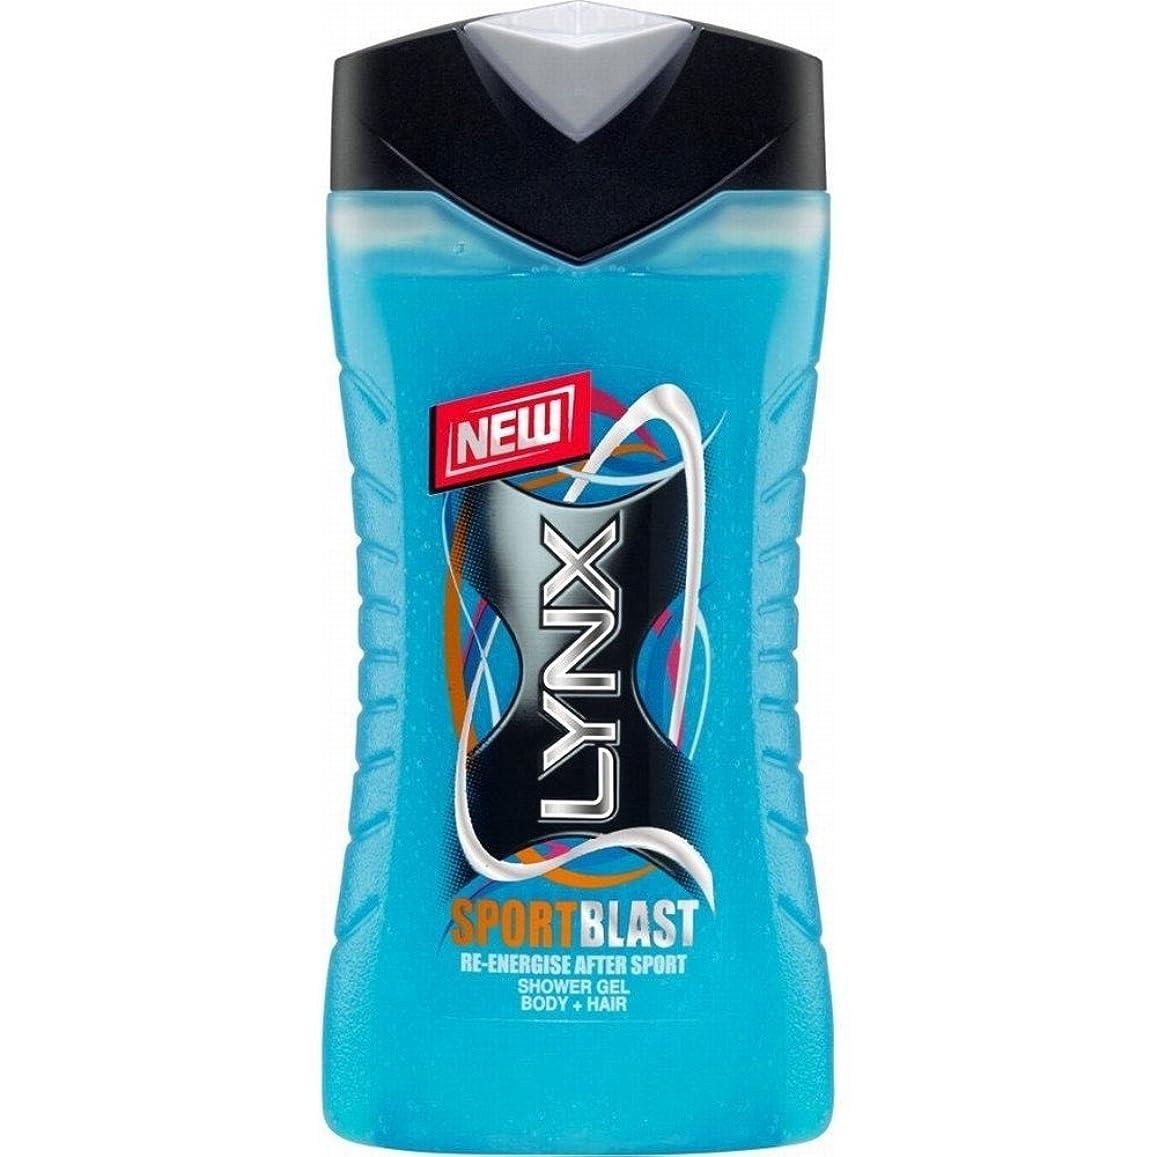 同行する舗装請求書Lynx Body & Hair Shower Gel - Sport Blast (250ml) オオヤマネコボディ、ヘアシャワージェル - スポーツブラスト( 250ミリリットル) [並行輸入品]